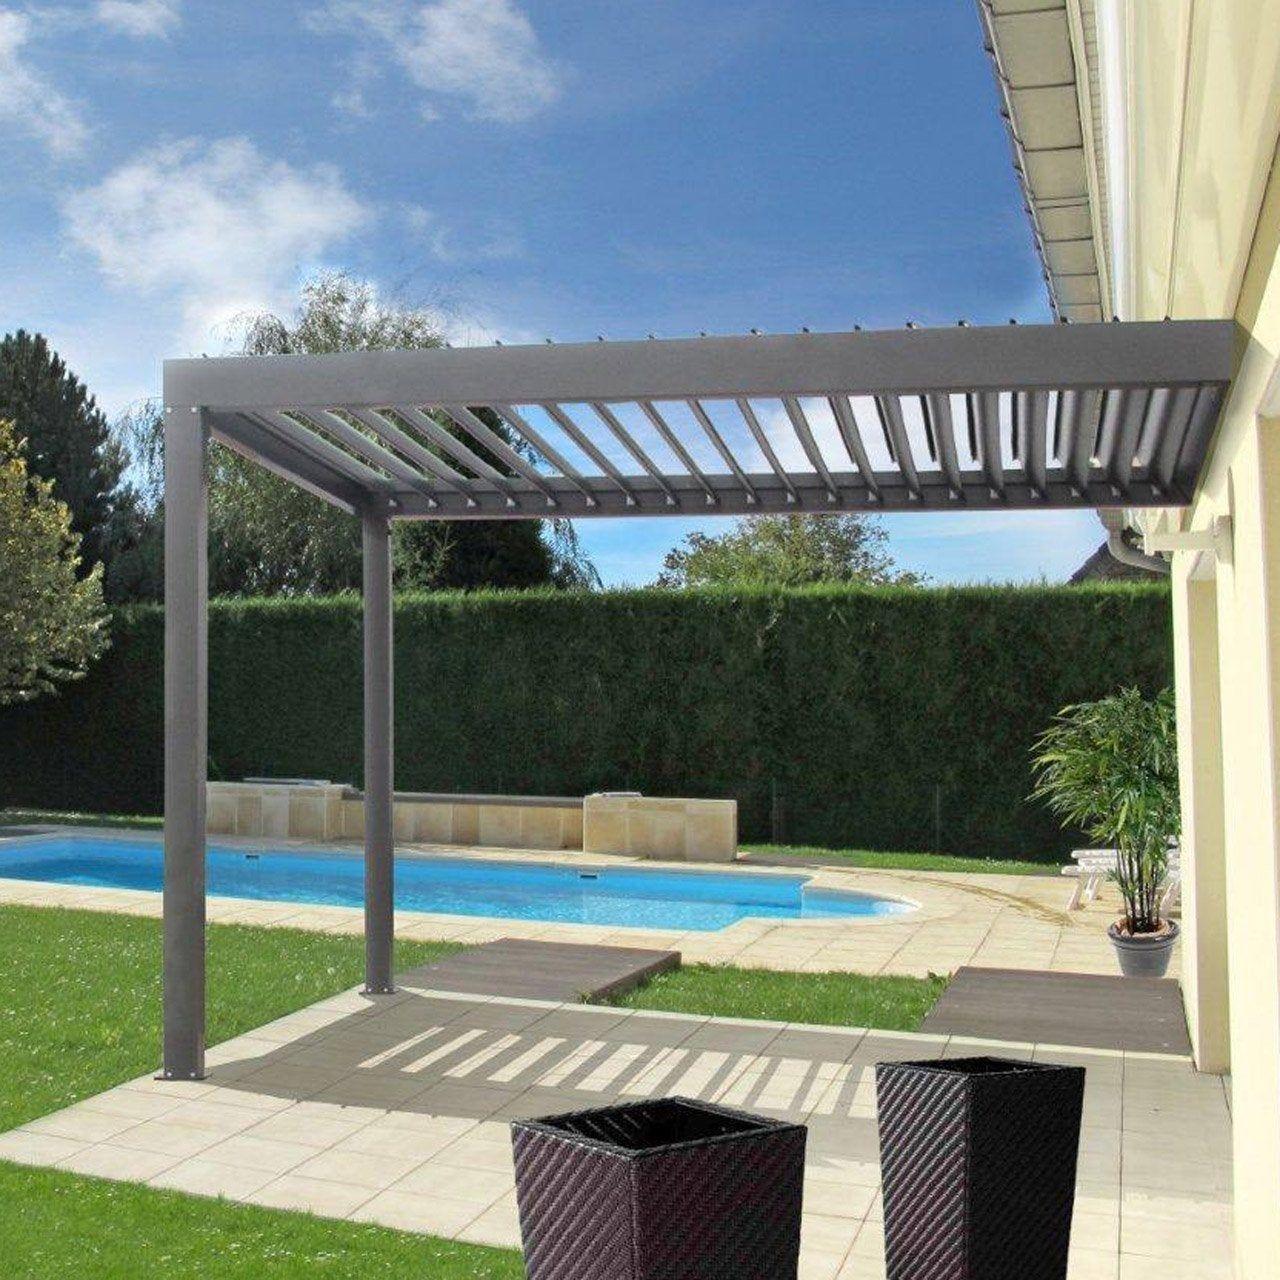 Pergola Bioclimatique Retractable Avis pergola adossée orient, aluminium gris anthracite, 9 m²